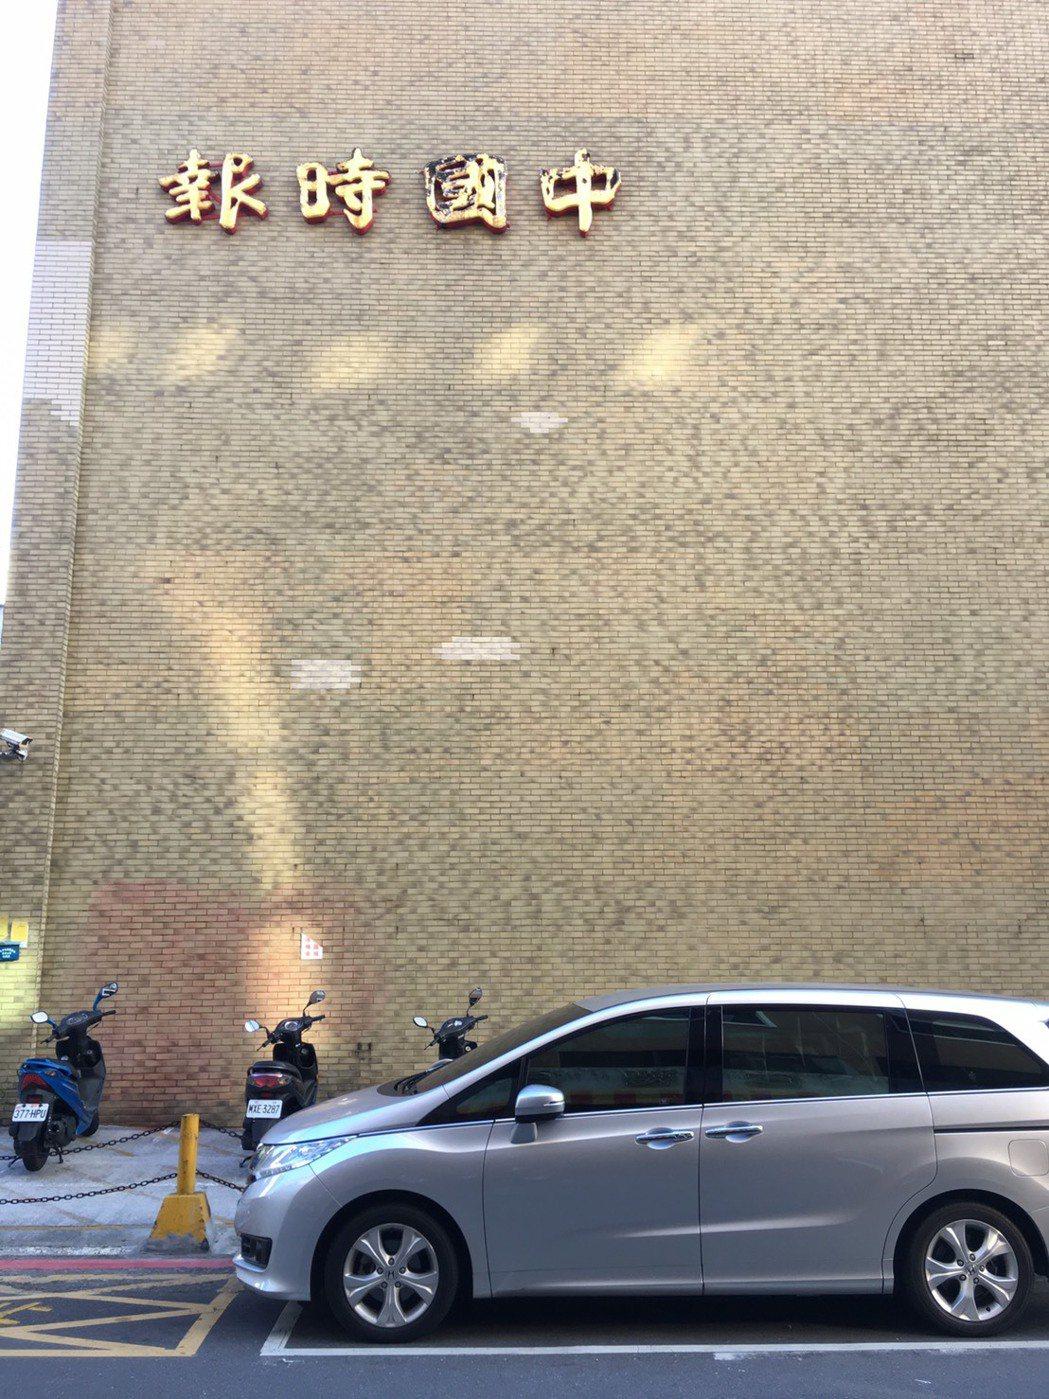 謝和弦昨天上午5時許帶著噴漆罐,前往台北市萬華區艋舺大道上的中國時報大樓,用紅漆...